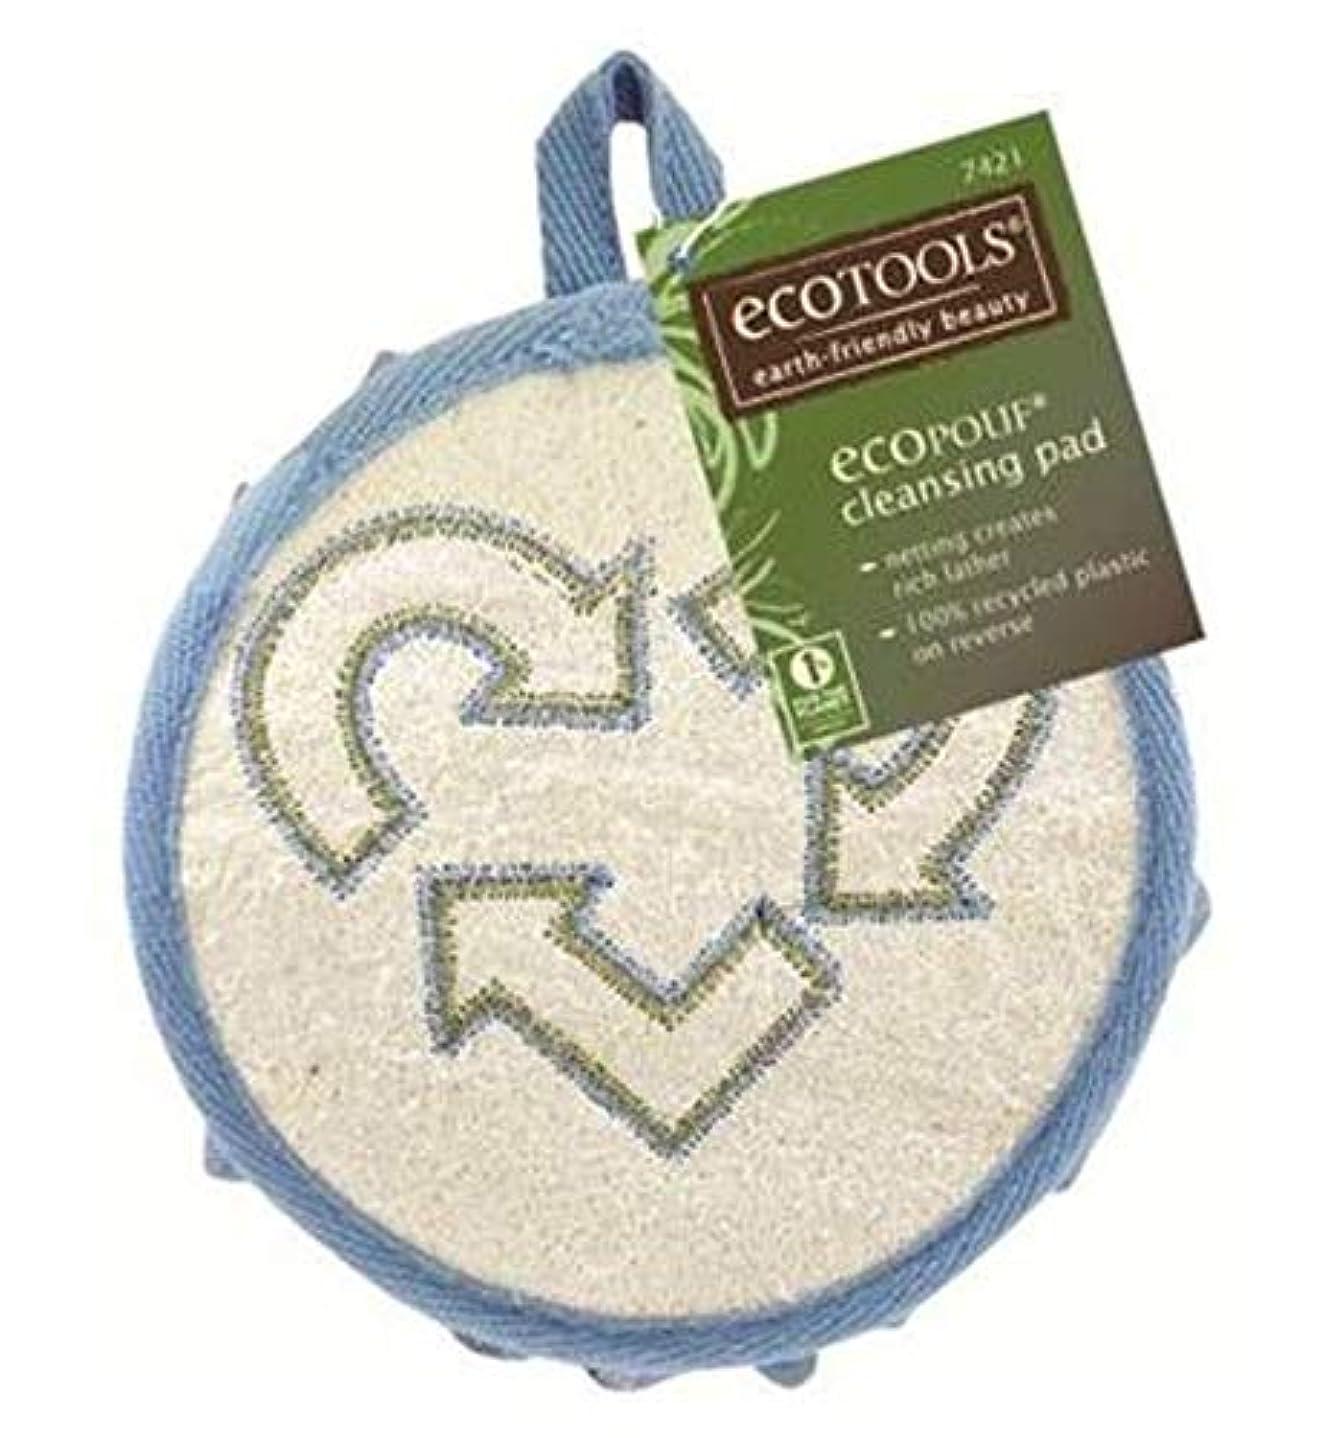 乗算居住者思春期[EcoTools] Ecotoolsクレンジングパッド - Ecotools Cleansing Pad [並行輸入品]